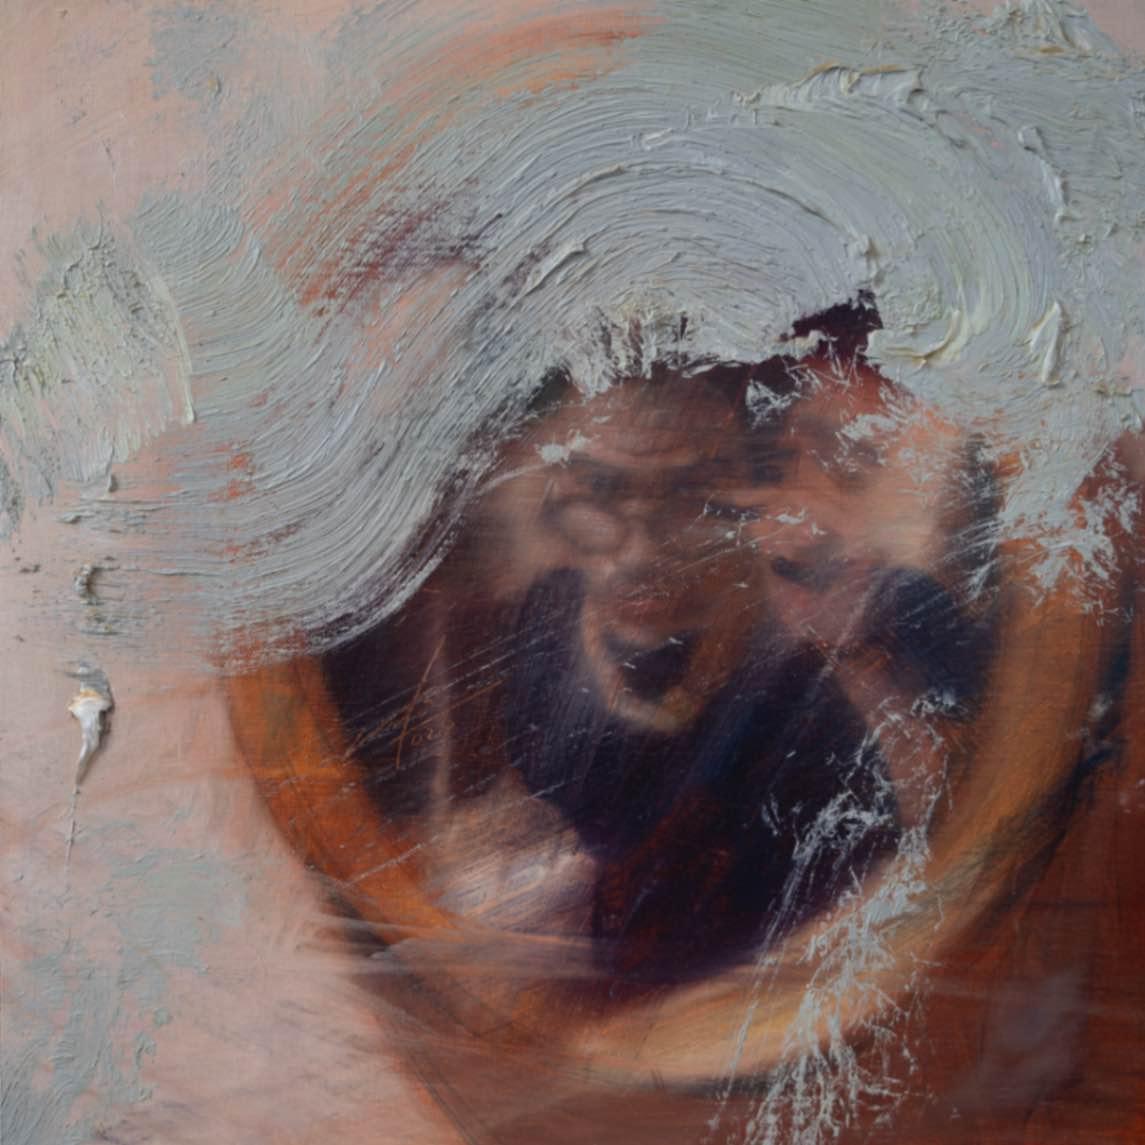 Obra: Autorretrato 🆚 Mirror Selfies 🧐